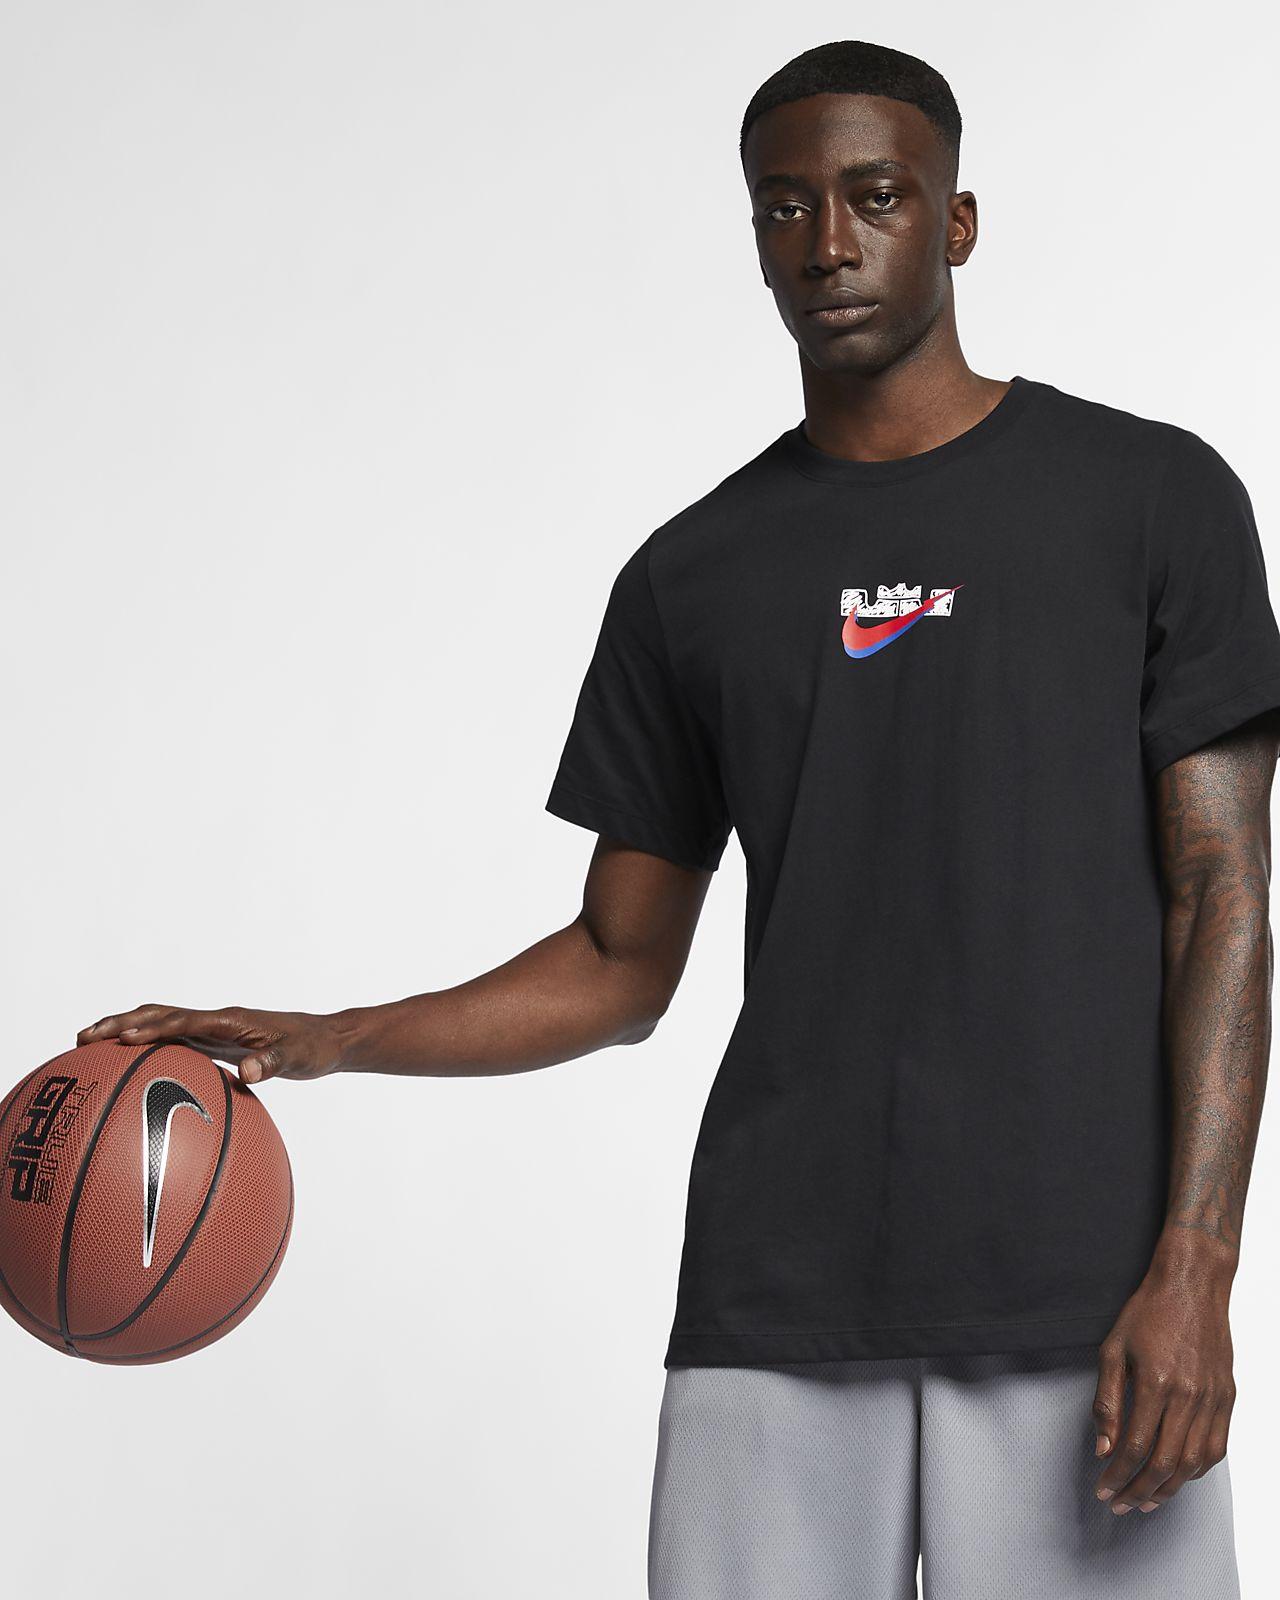 6ed9c49f3 Nike Dri-FIT LeBron Men's T-Shirt. Nike.com AU